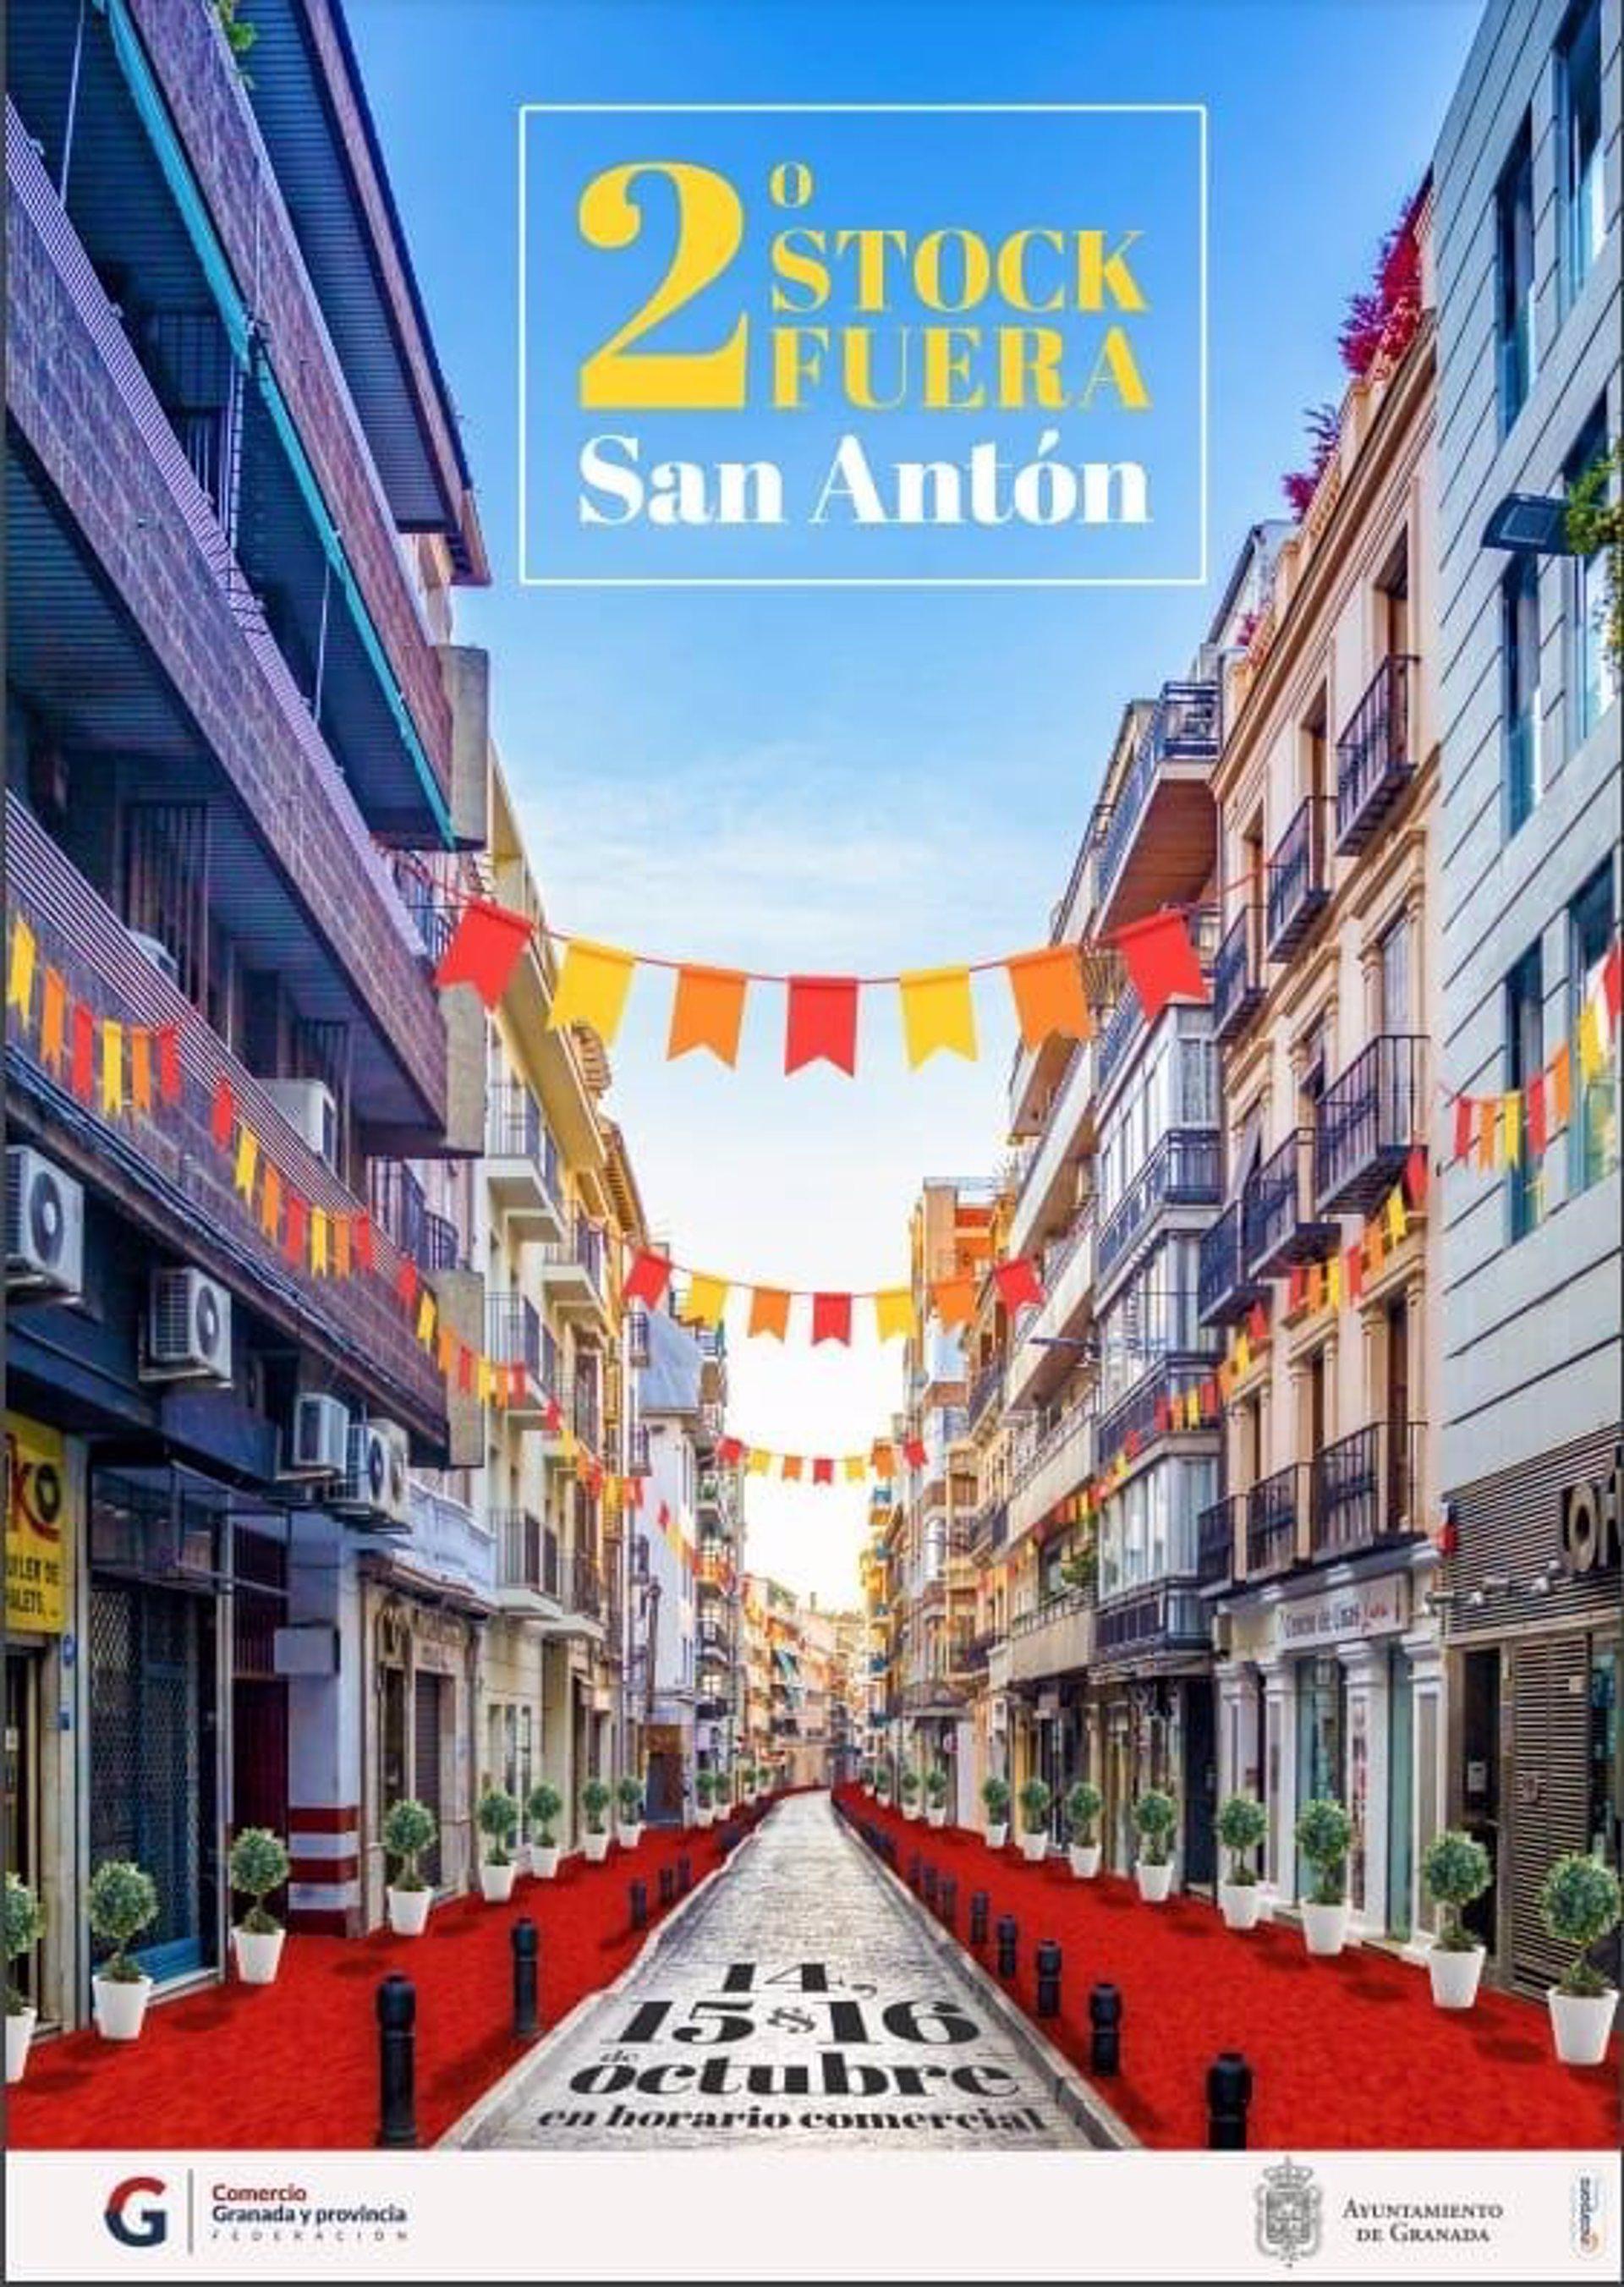 El entorno de San Antón será un espacio abierto al comercio con el II Stock Fuera